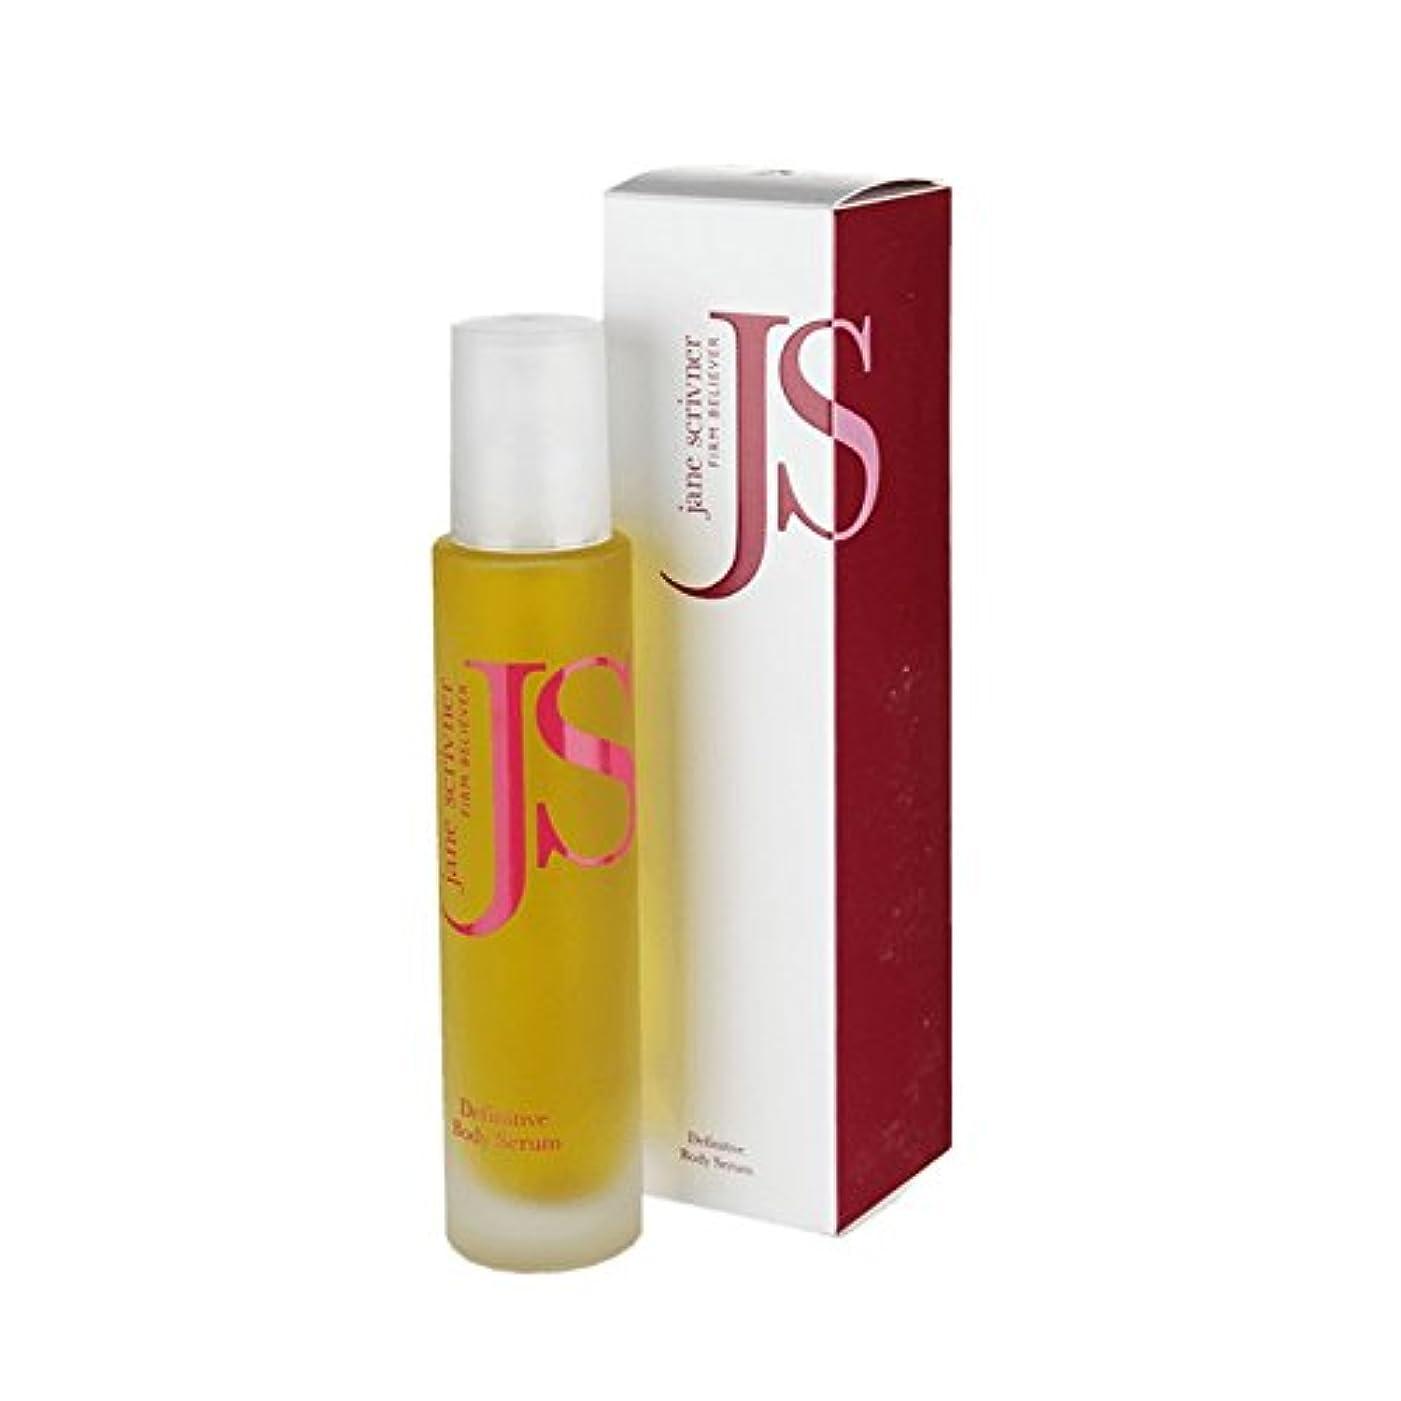 菊首相暴露するJane Scrivner Body Bath Oil Firm Believer 100ml (Pack of 6) - ジェーンScrivnerボディバスオイル会社の信者の100ミリリットル (x6) [並行輸入品]